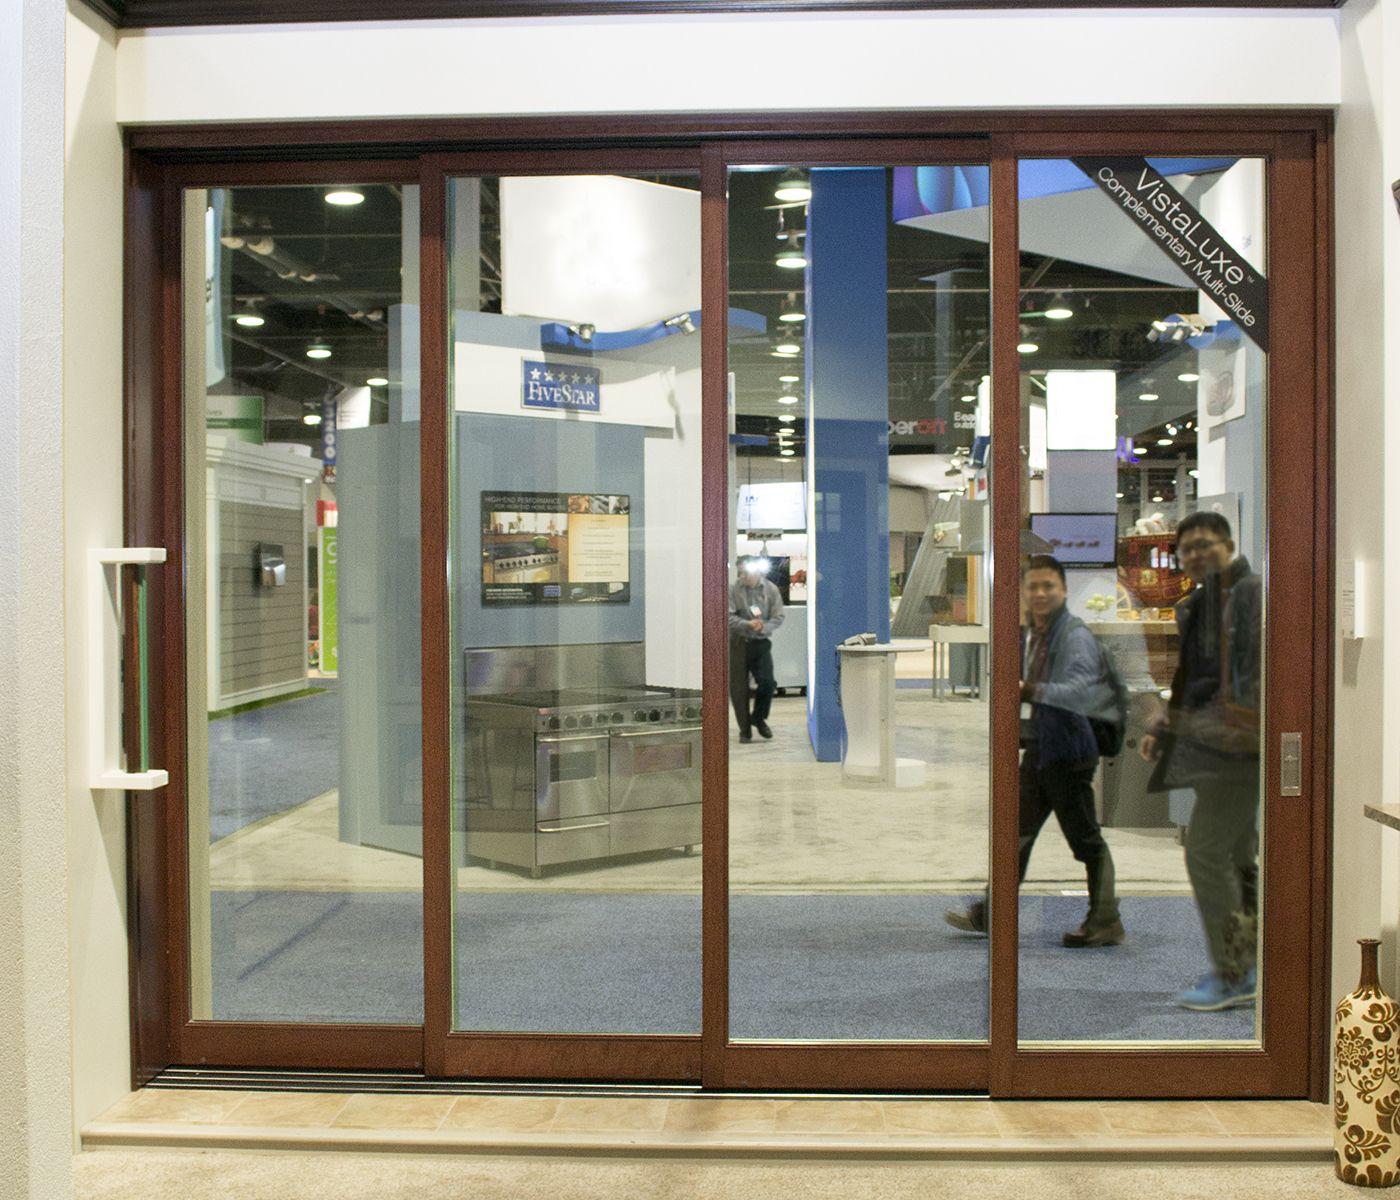 Kolbe kolbe vistaluxe multi slide patio door for Multi sliding glass doors